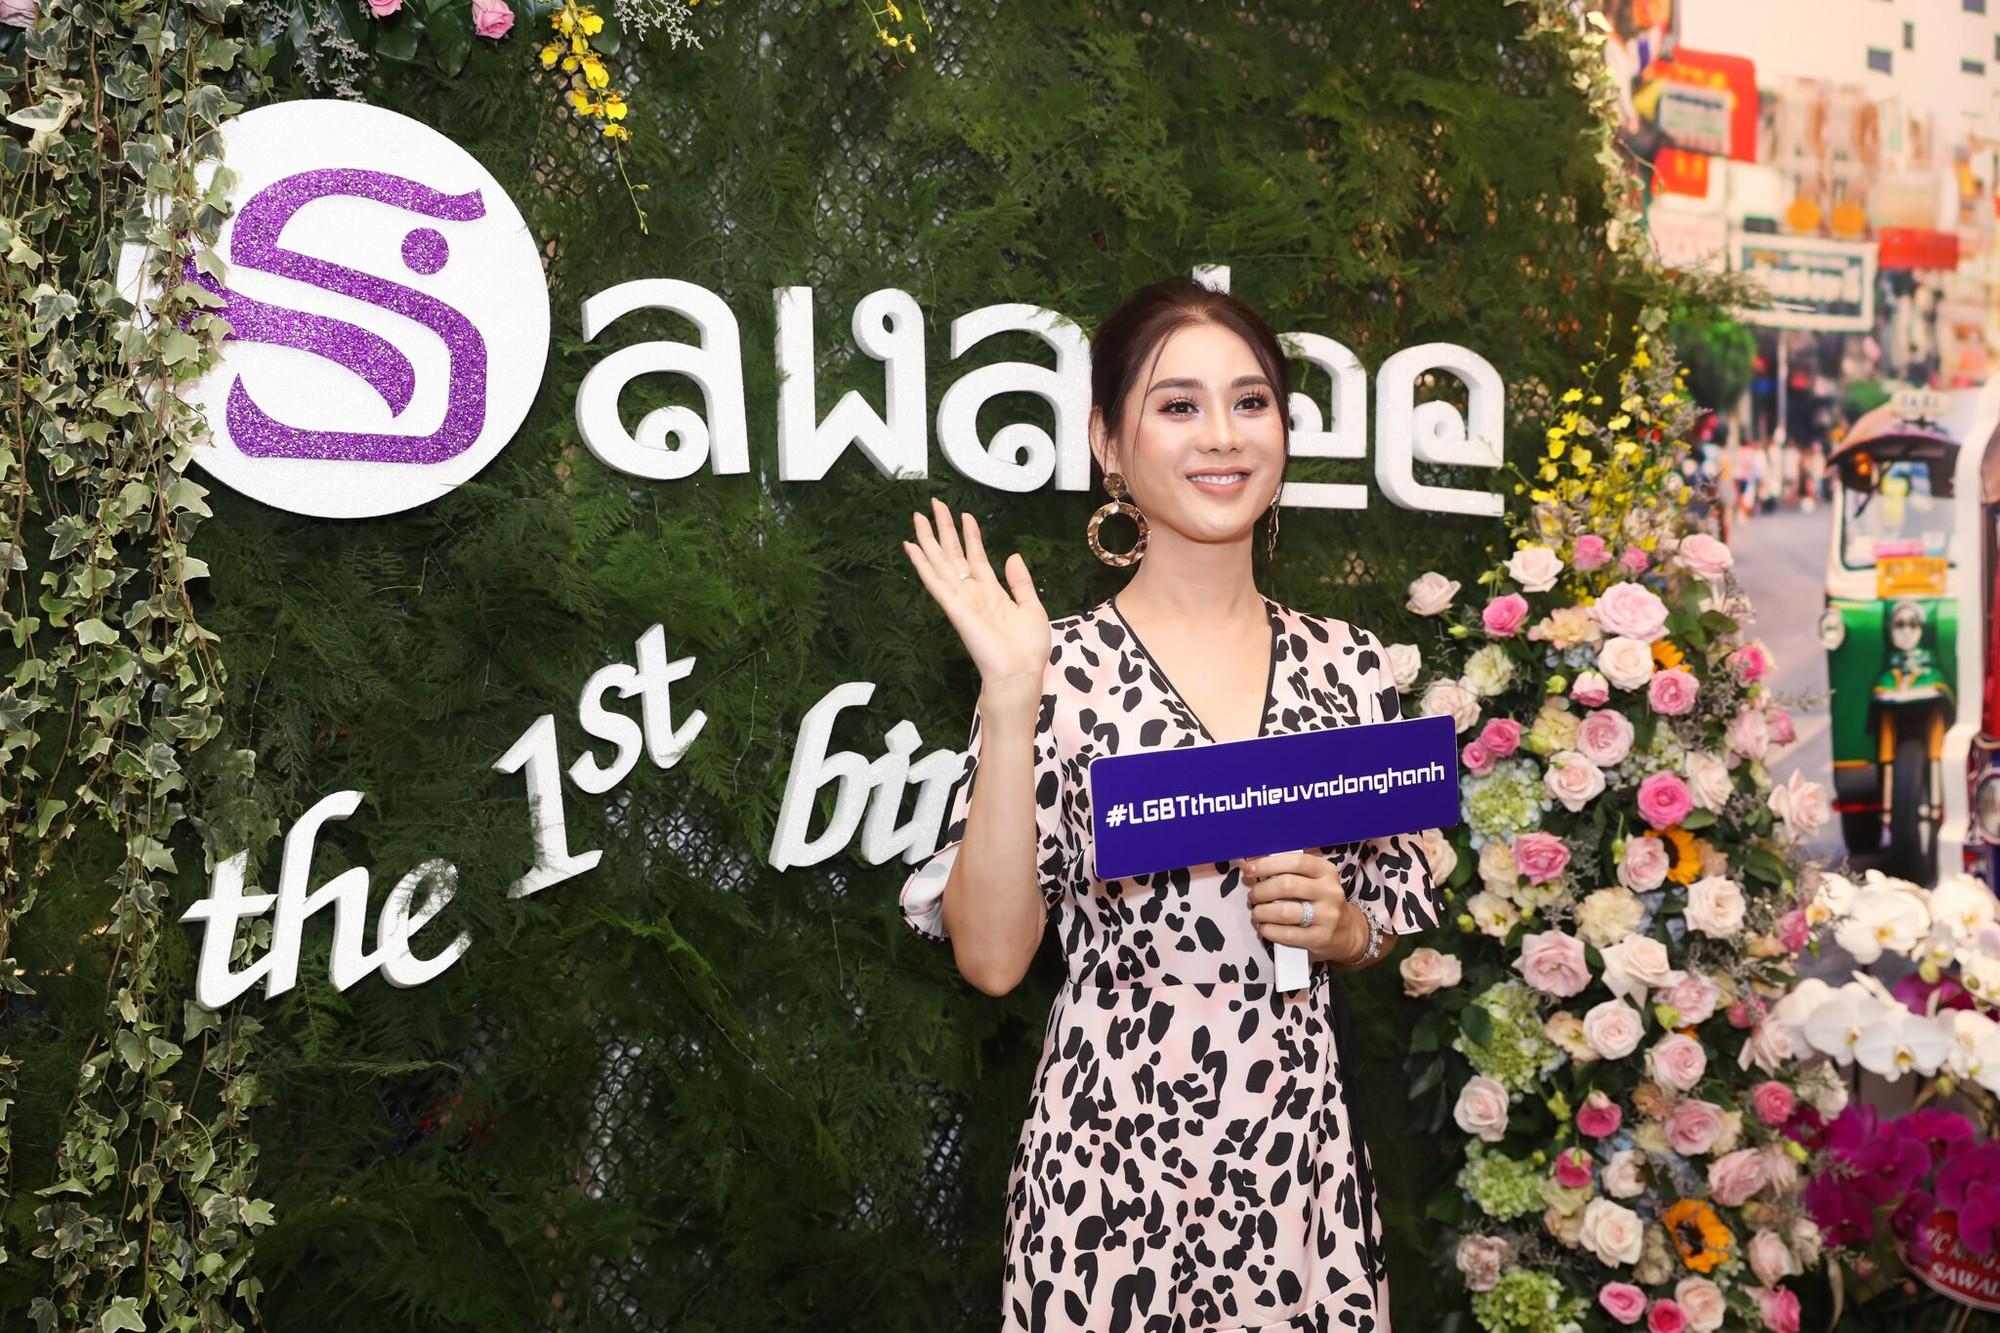 Trà sữa chuẩn vị Thái Lan lần đầu chào sân Sài thành - Ảnh 3.